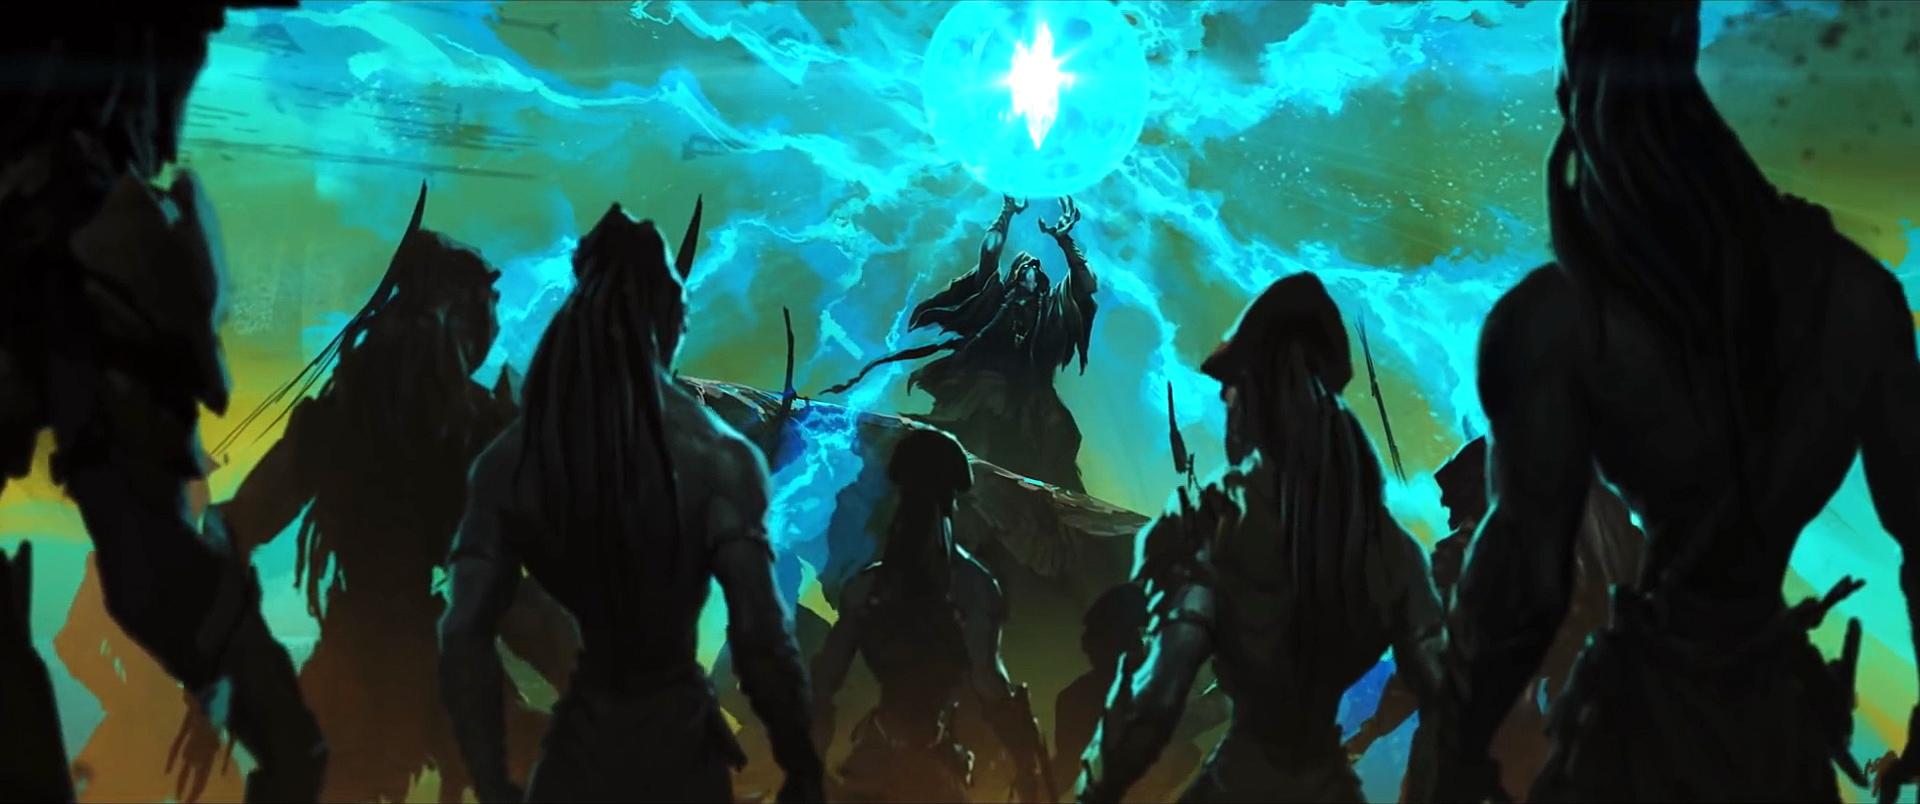 StarCraft storyline | StarCraft Wiki | FANDOM powered by Wikia